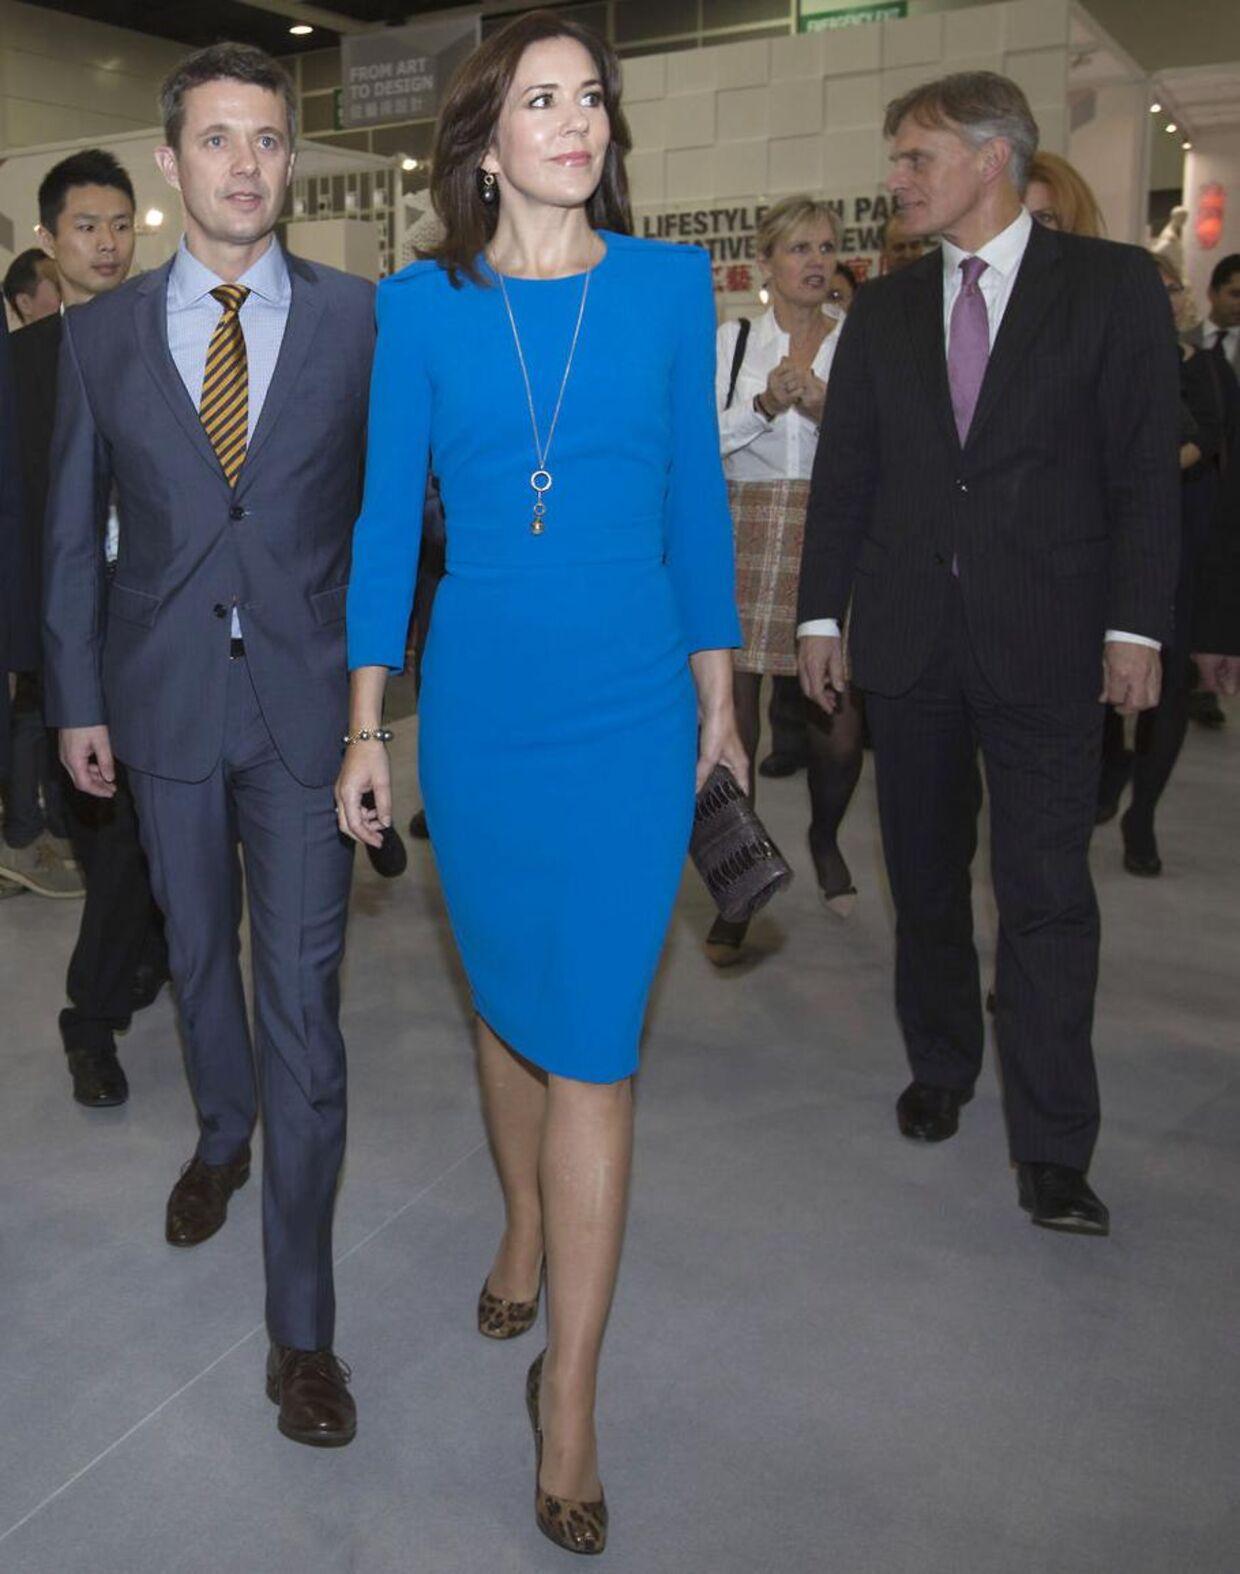 Kronprinsparret ved Business of Design Week udstillingen i Hong Kong d. 6. december 2012.